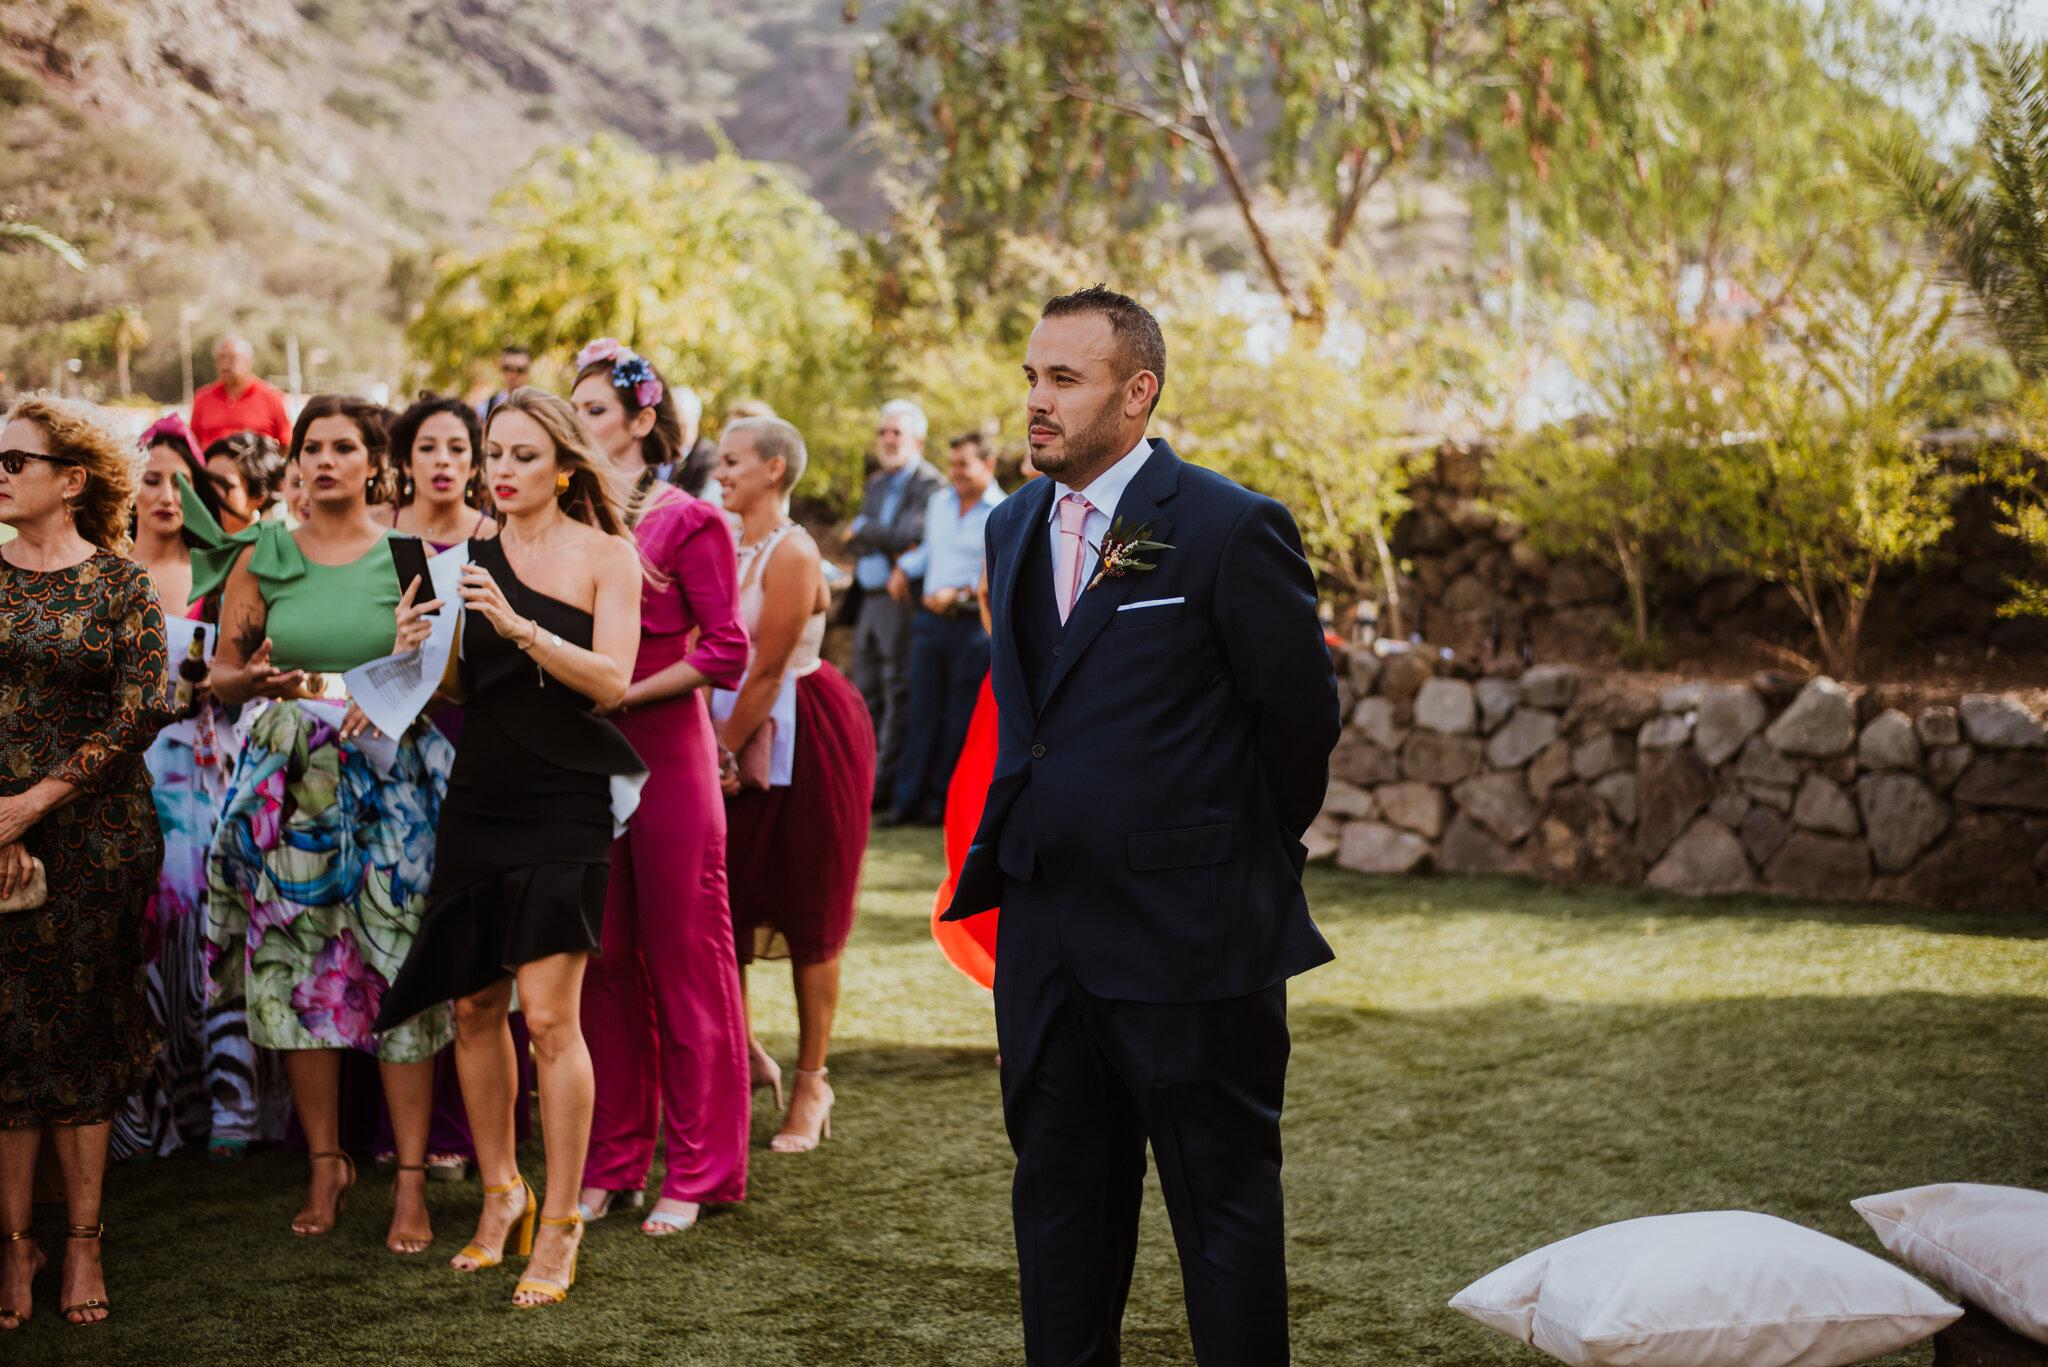 fotografo de bodas las palmas_-42.jpg